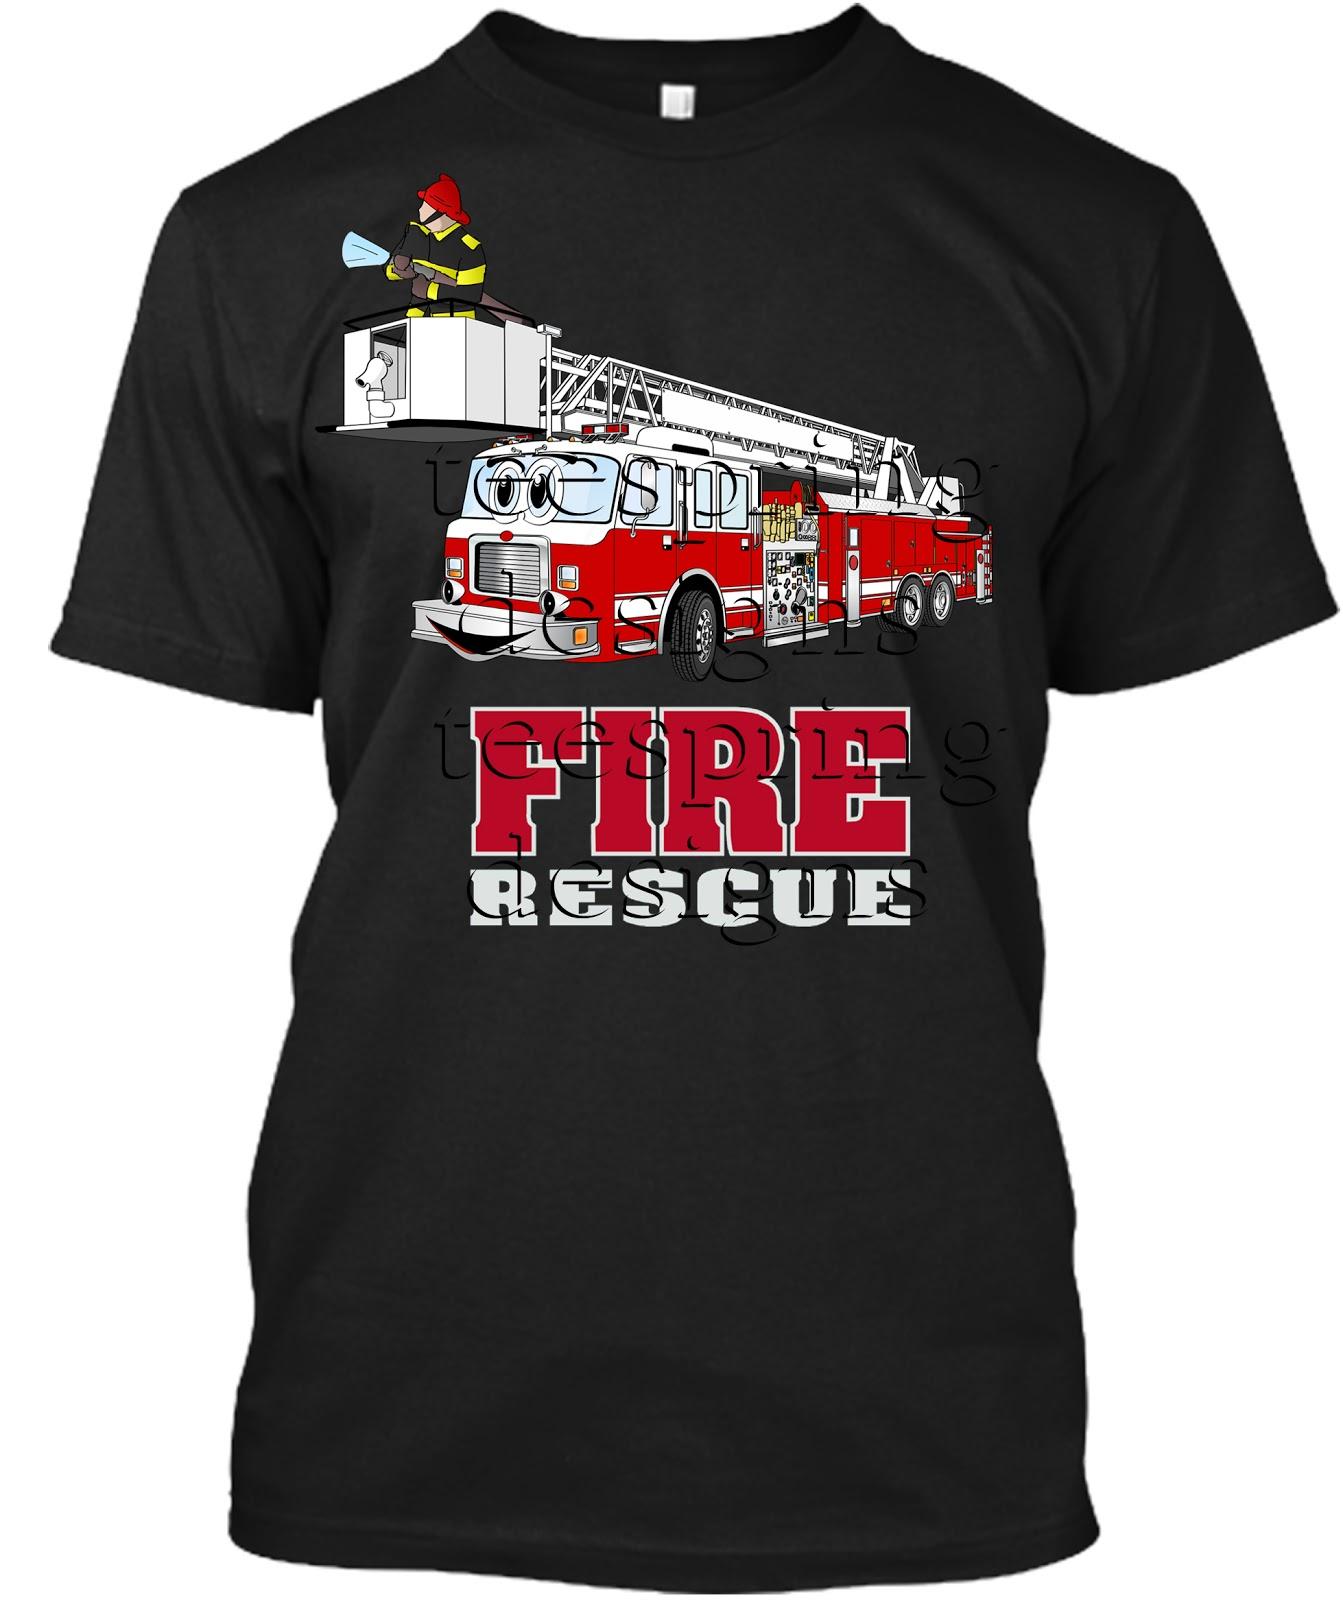 Teespring T Shirt Designs Fire Department Tee Shirt